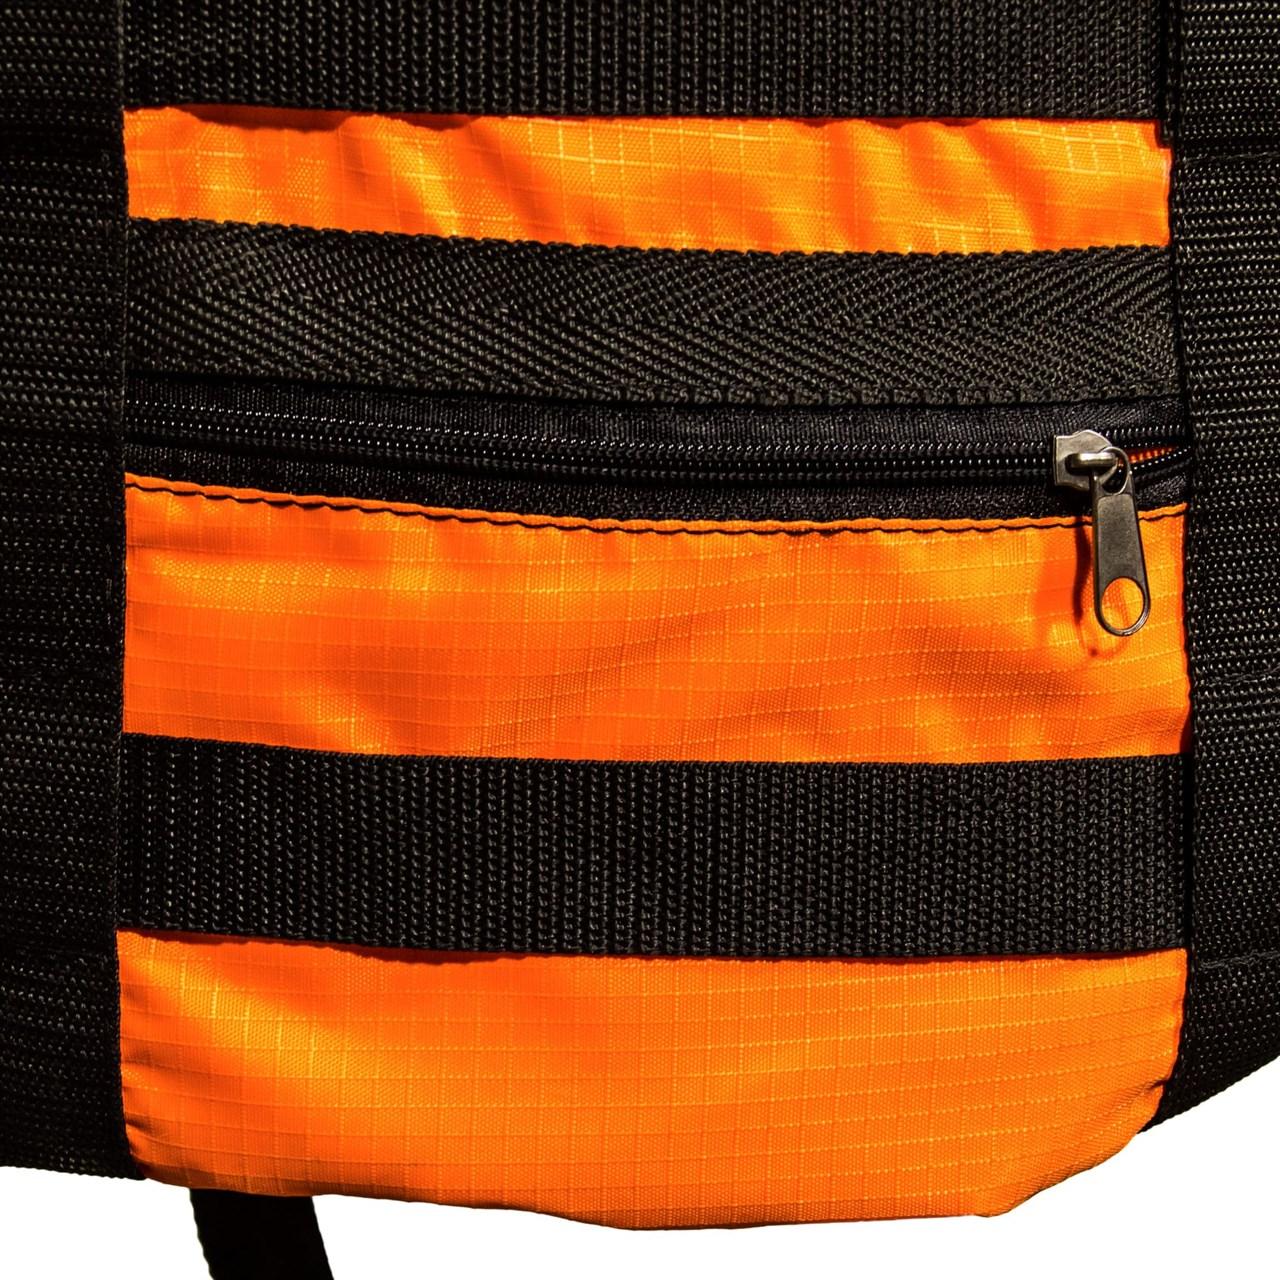 Спасательный жилет Таймень (XXL) оранжевый - фото 15729